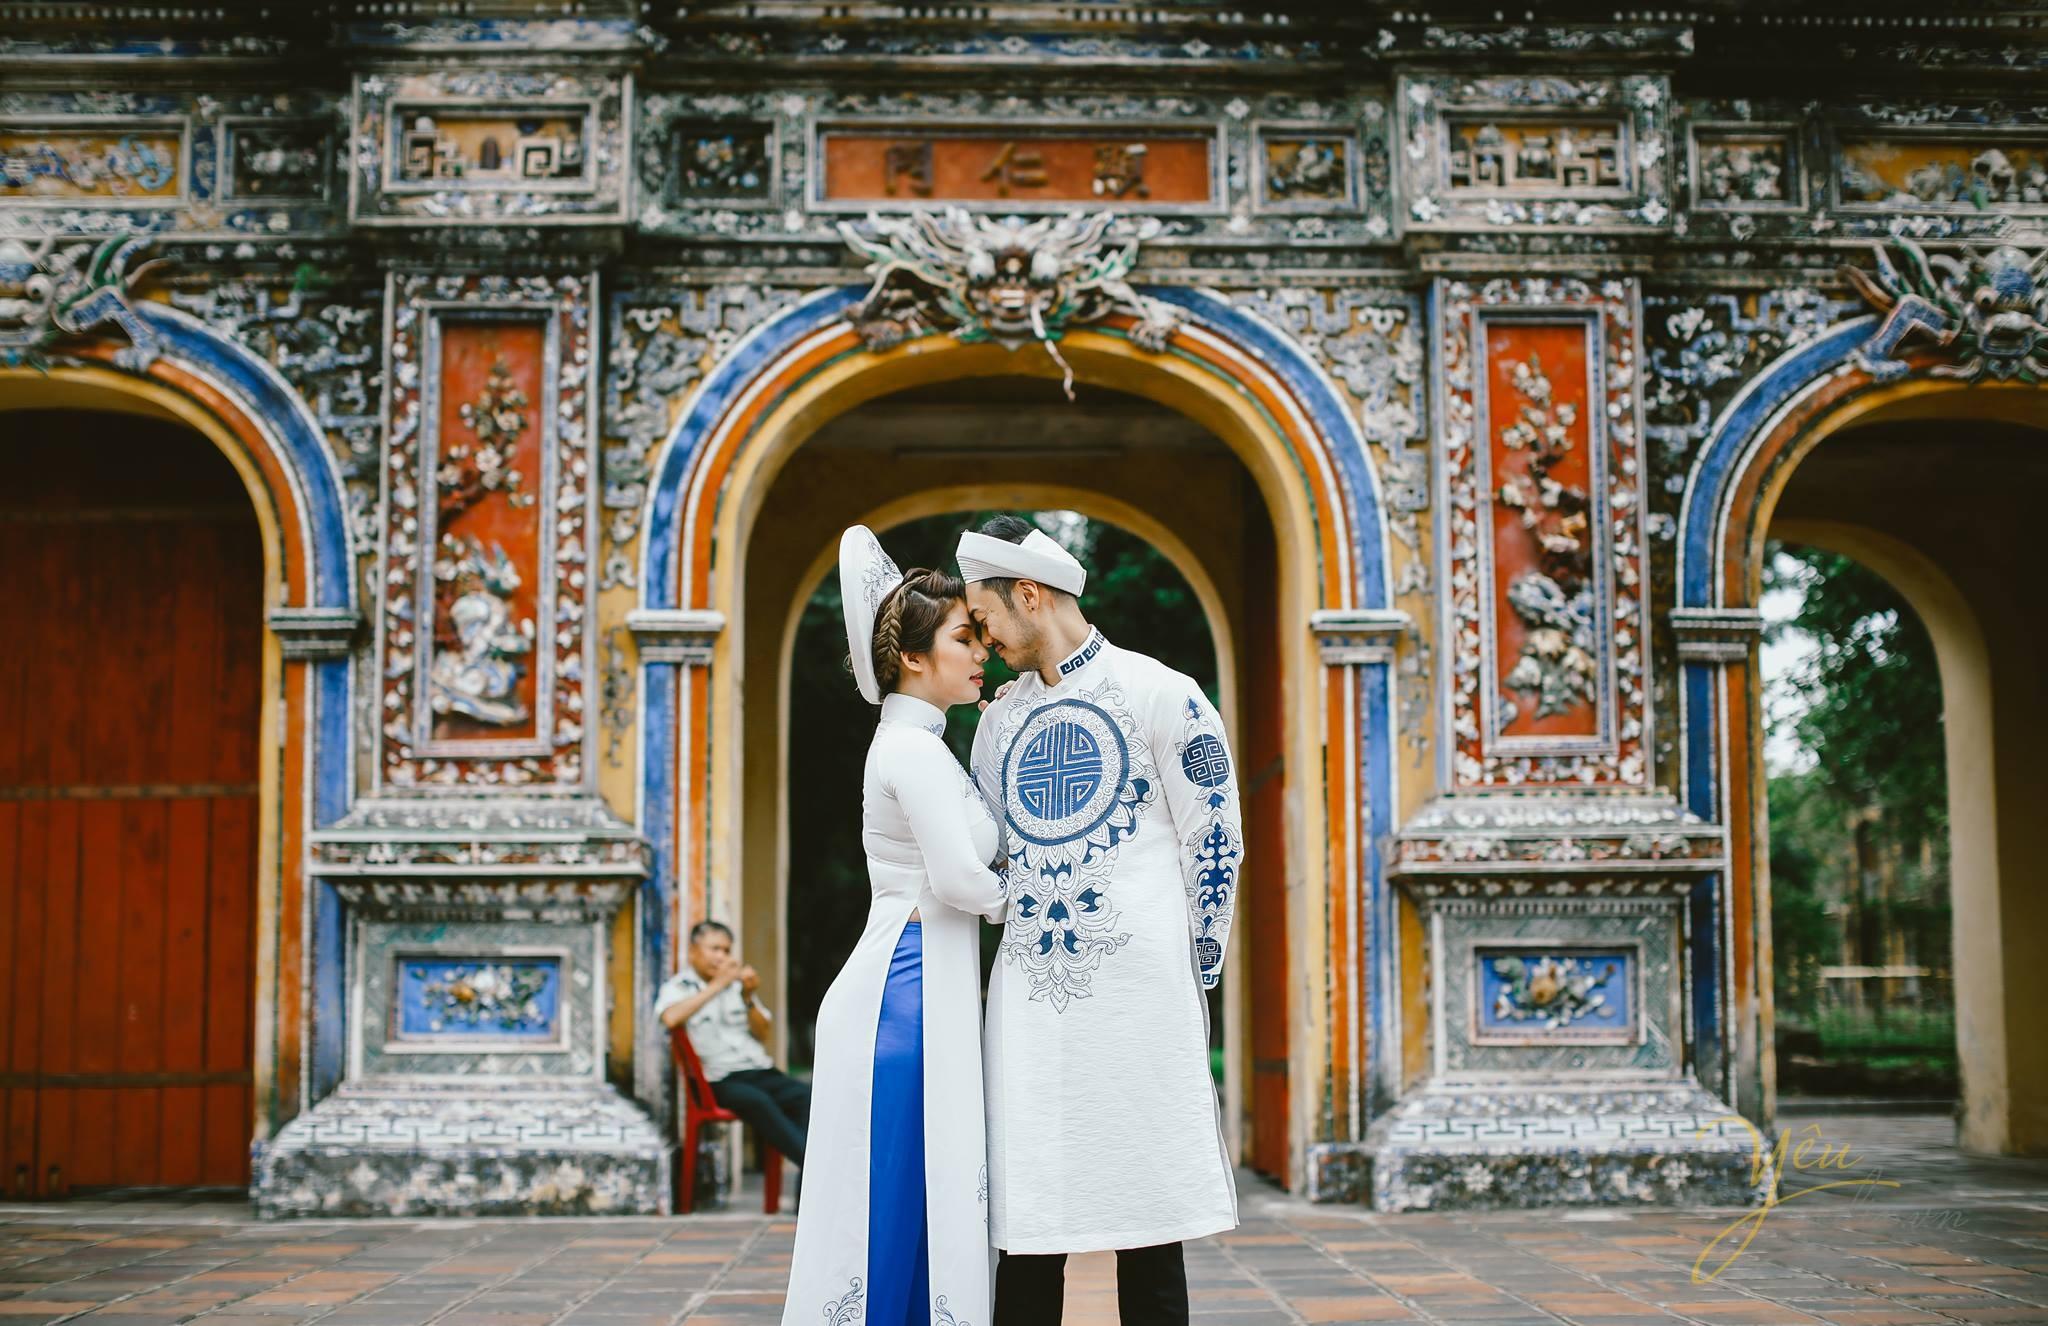 bộ ảnh cưới áo dài tuyệt đẹp tại cầu Trường Tiền